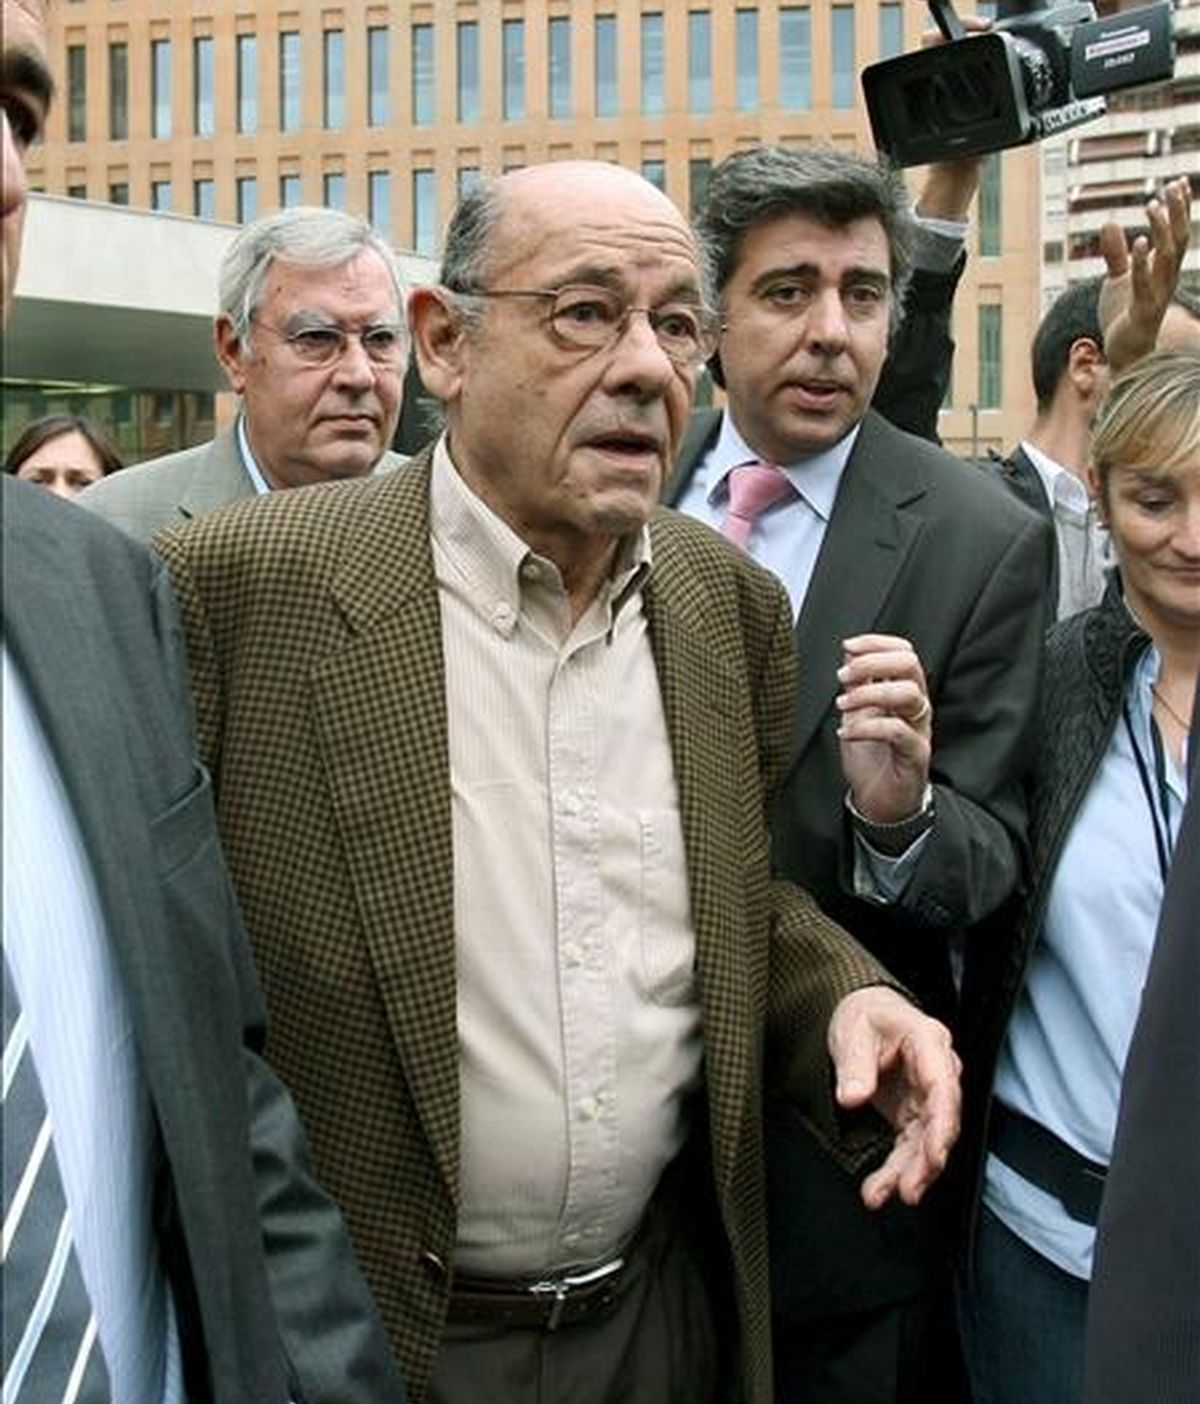 El ex presidente del Palau de la Música, Félix Millet (c), a su salida del juzgado en la Ciudad de la Justicia de Barcelona, donde declaró en 2009 como imputado por falsedad documental y apropiación indebida. EFE/Archivo